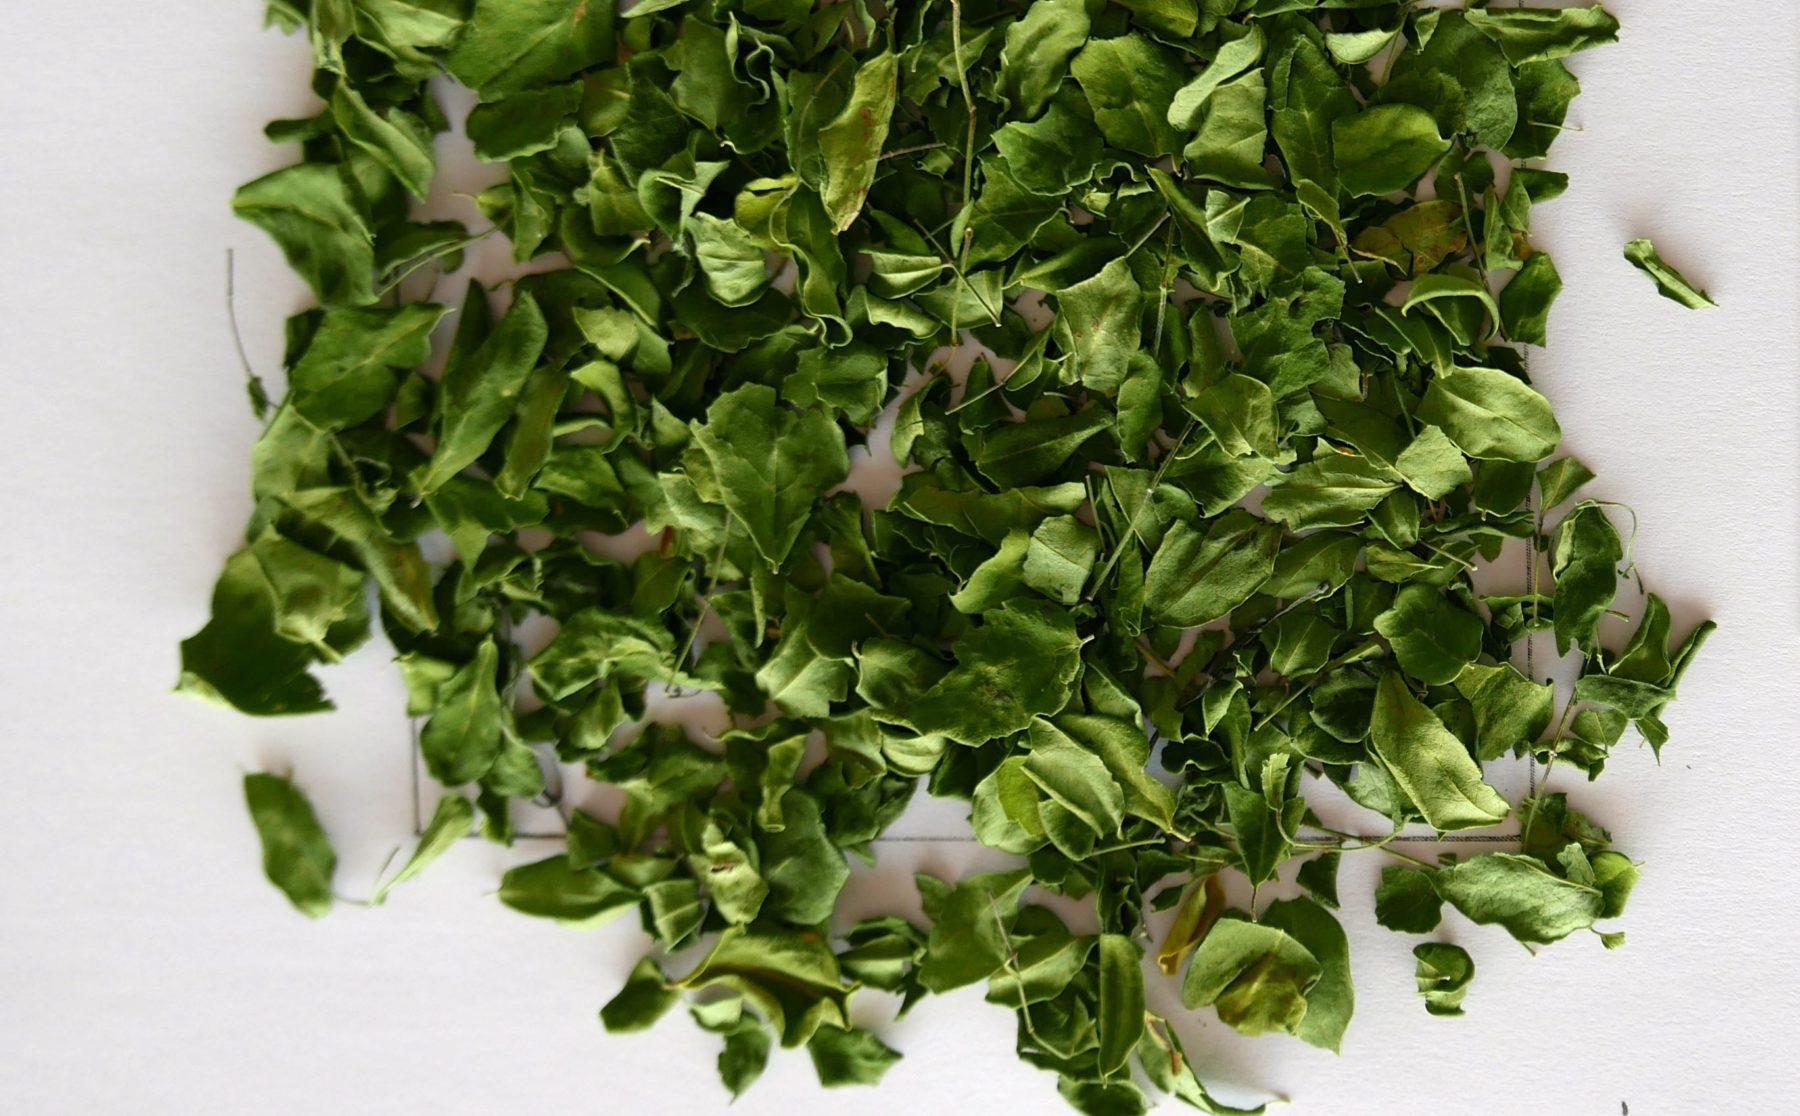 Hojas de Moringa biodinámica, fuente de proteína completa vegetal de alta calidad.